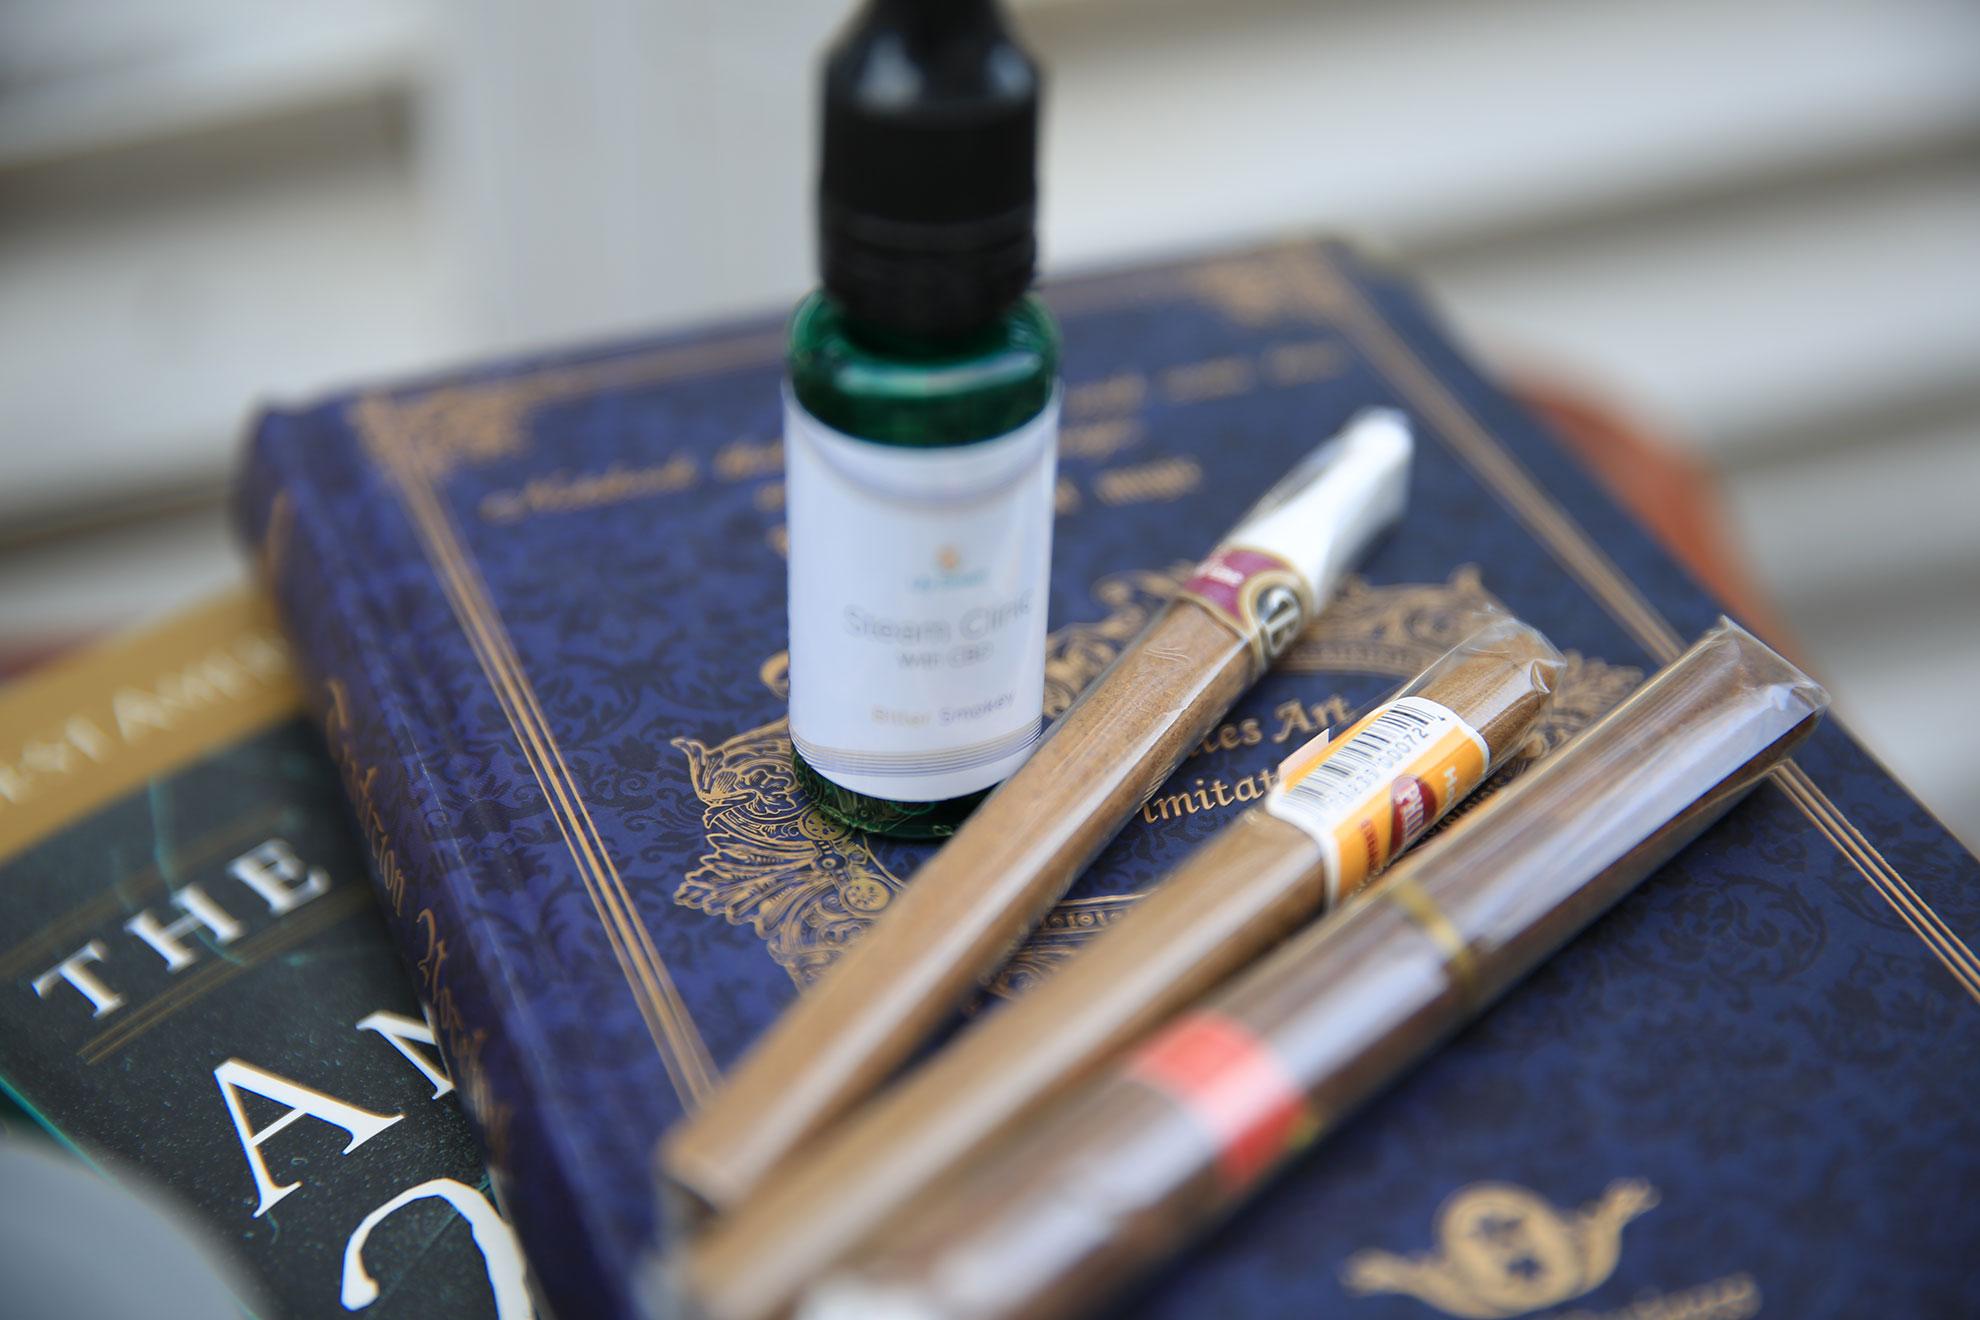 ご存知ですか?Vape(電子タバコ)を利用する理由、第一位は「健康」なんです。